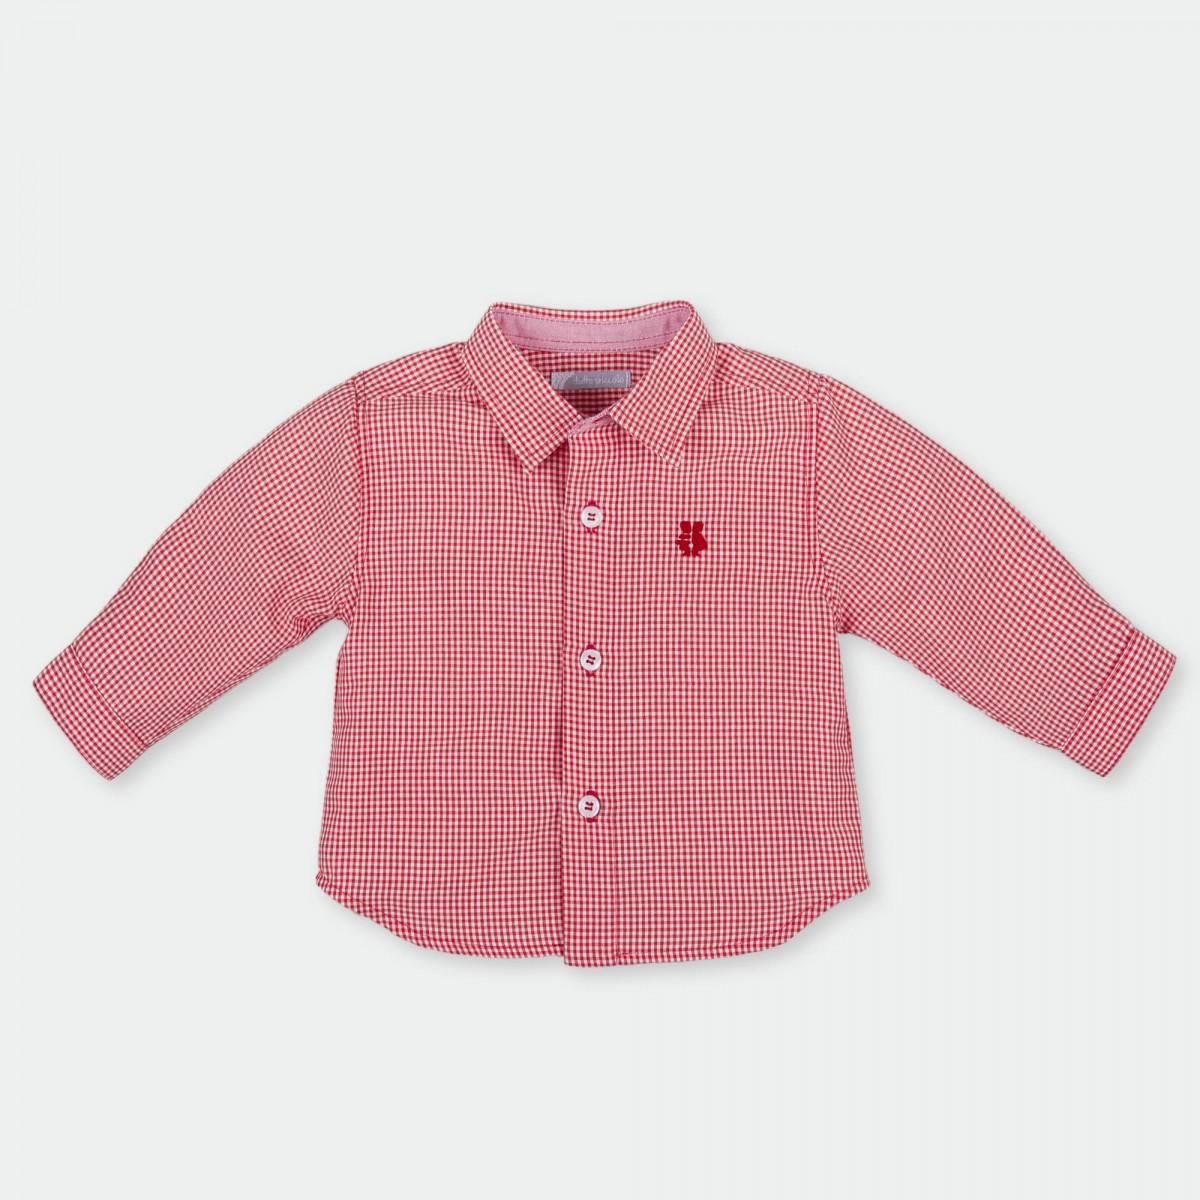 Camisa m/l_2010S17